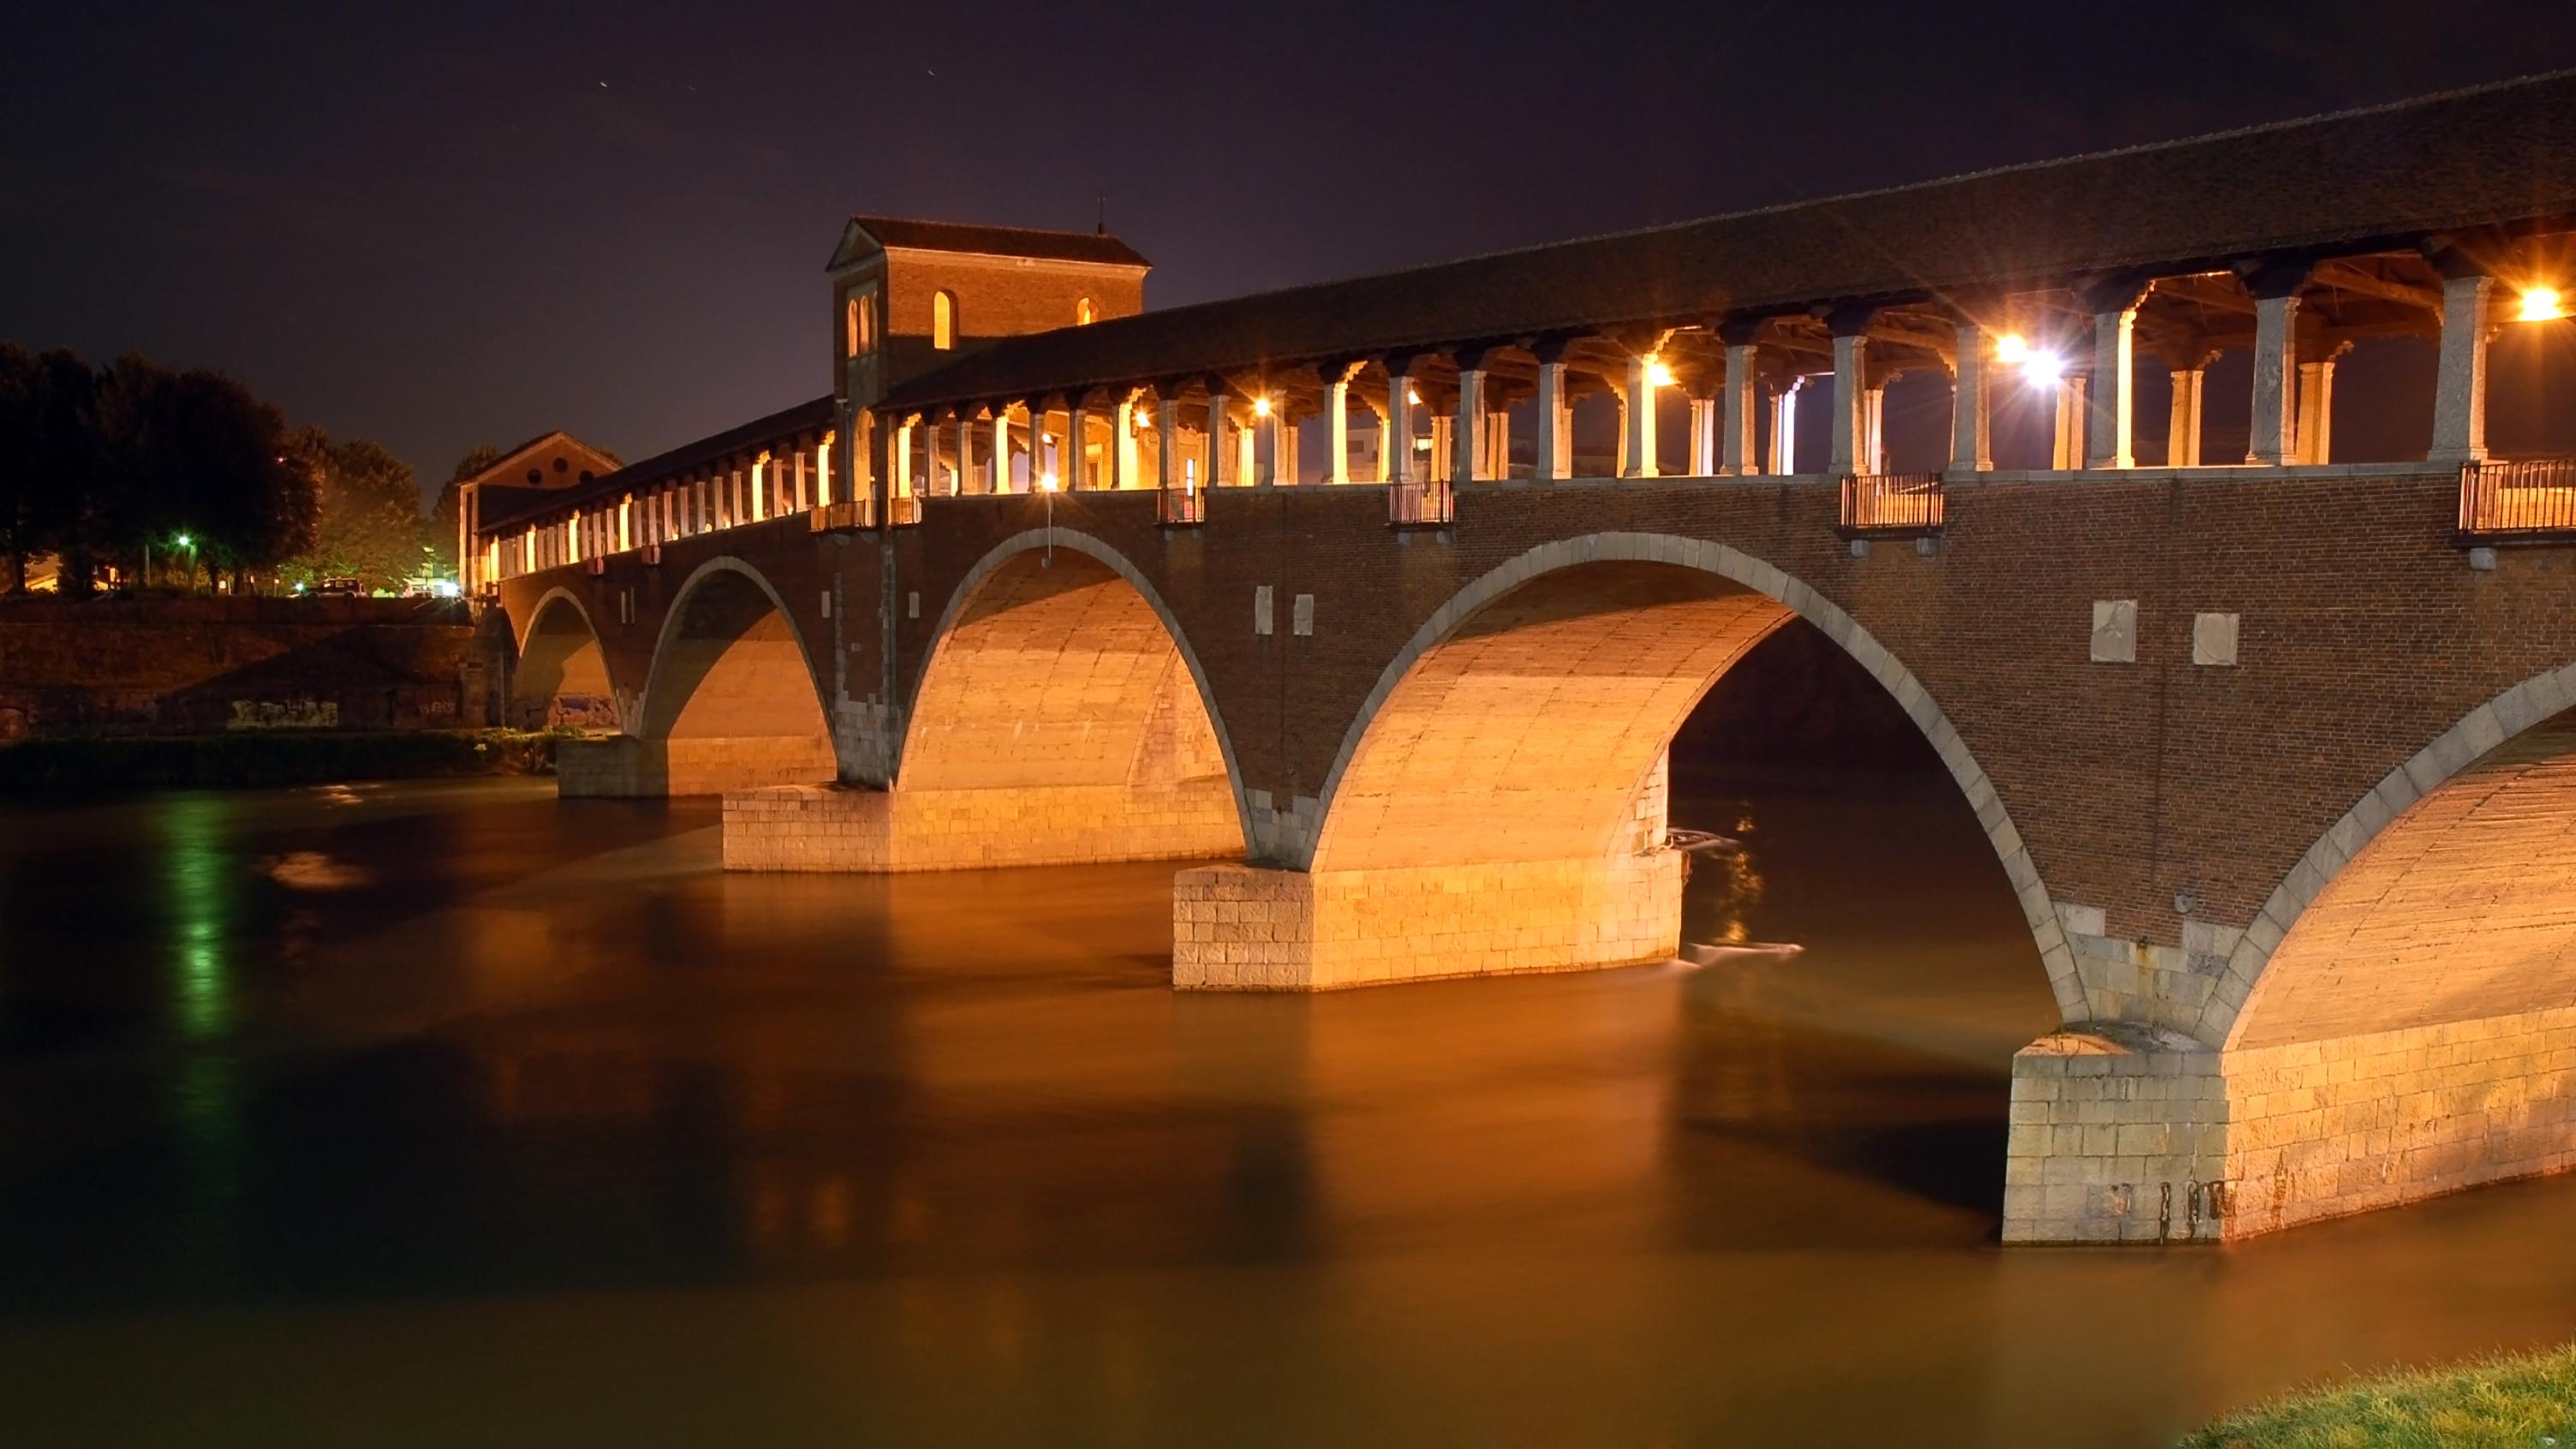 FjlPavia Ponte Coperto by nightjpg  Wikipdia